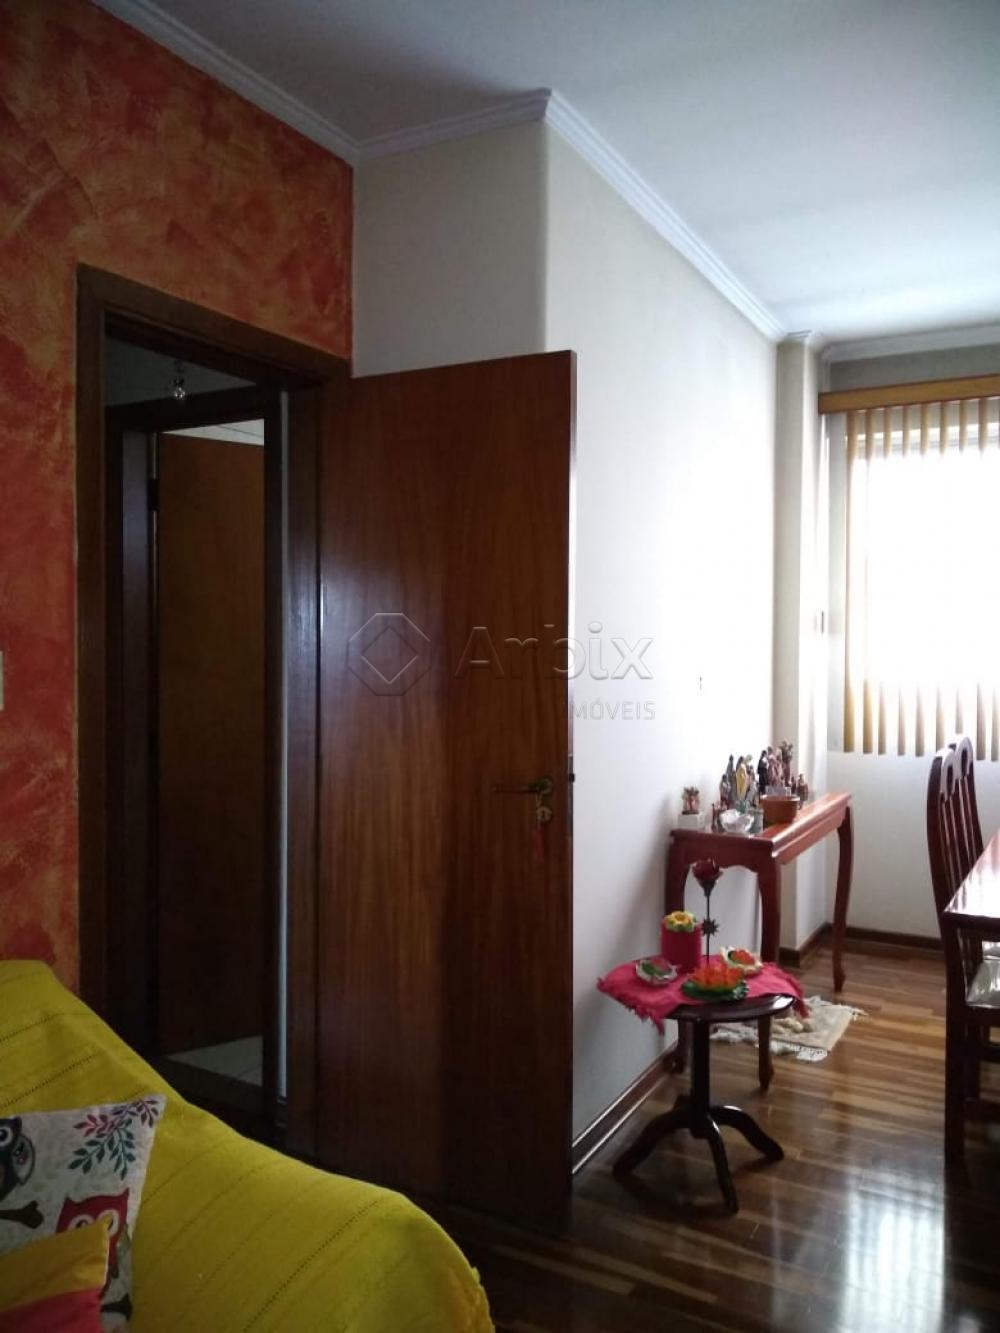 Comprar Apartamento / Padrão em Americana apenas R$ 280.000,00 - Foto 8